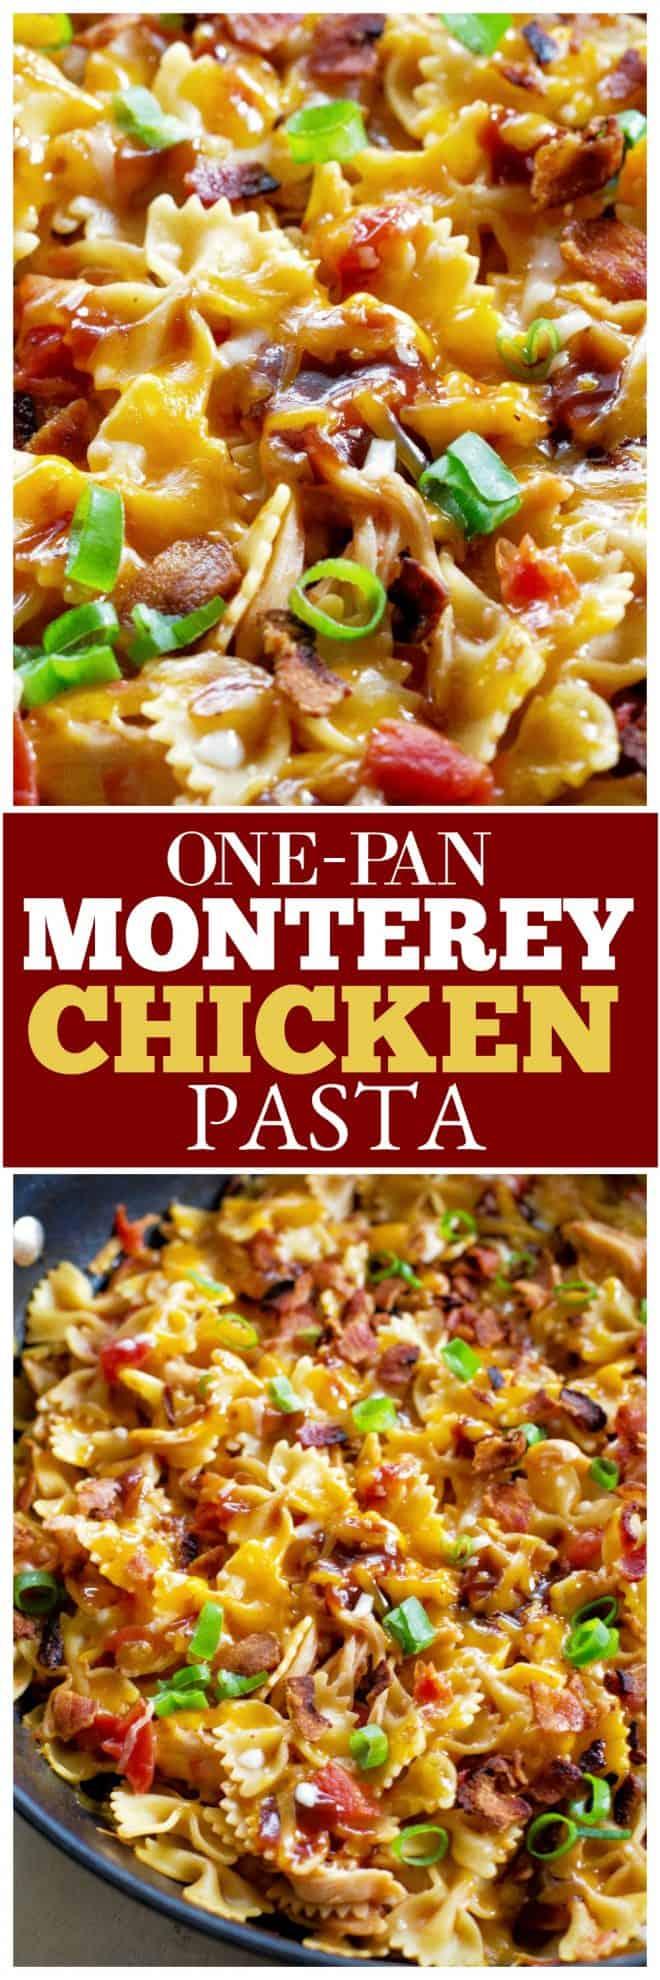 one-pan monterey chicken pasta